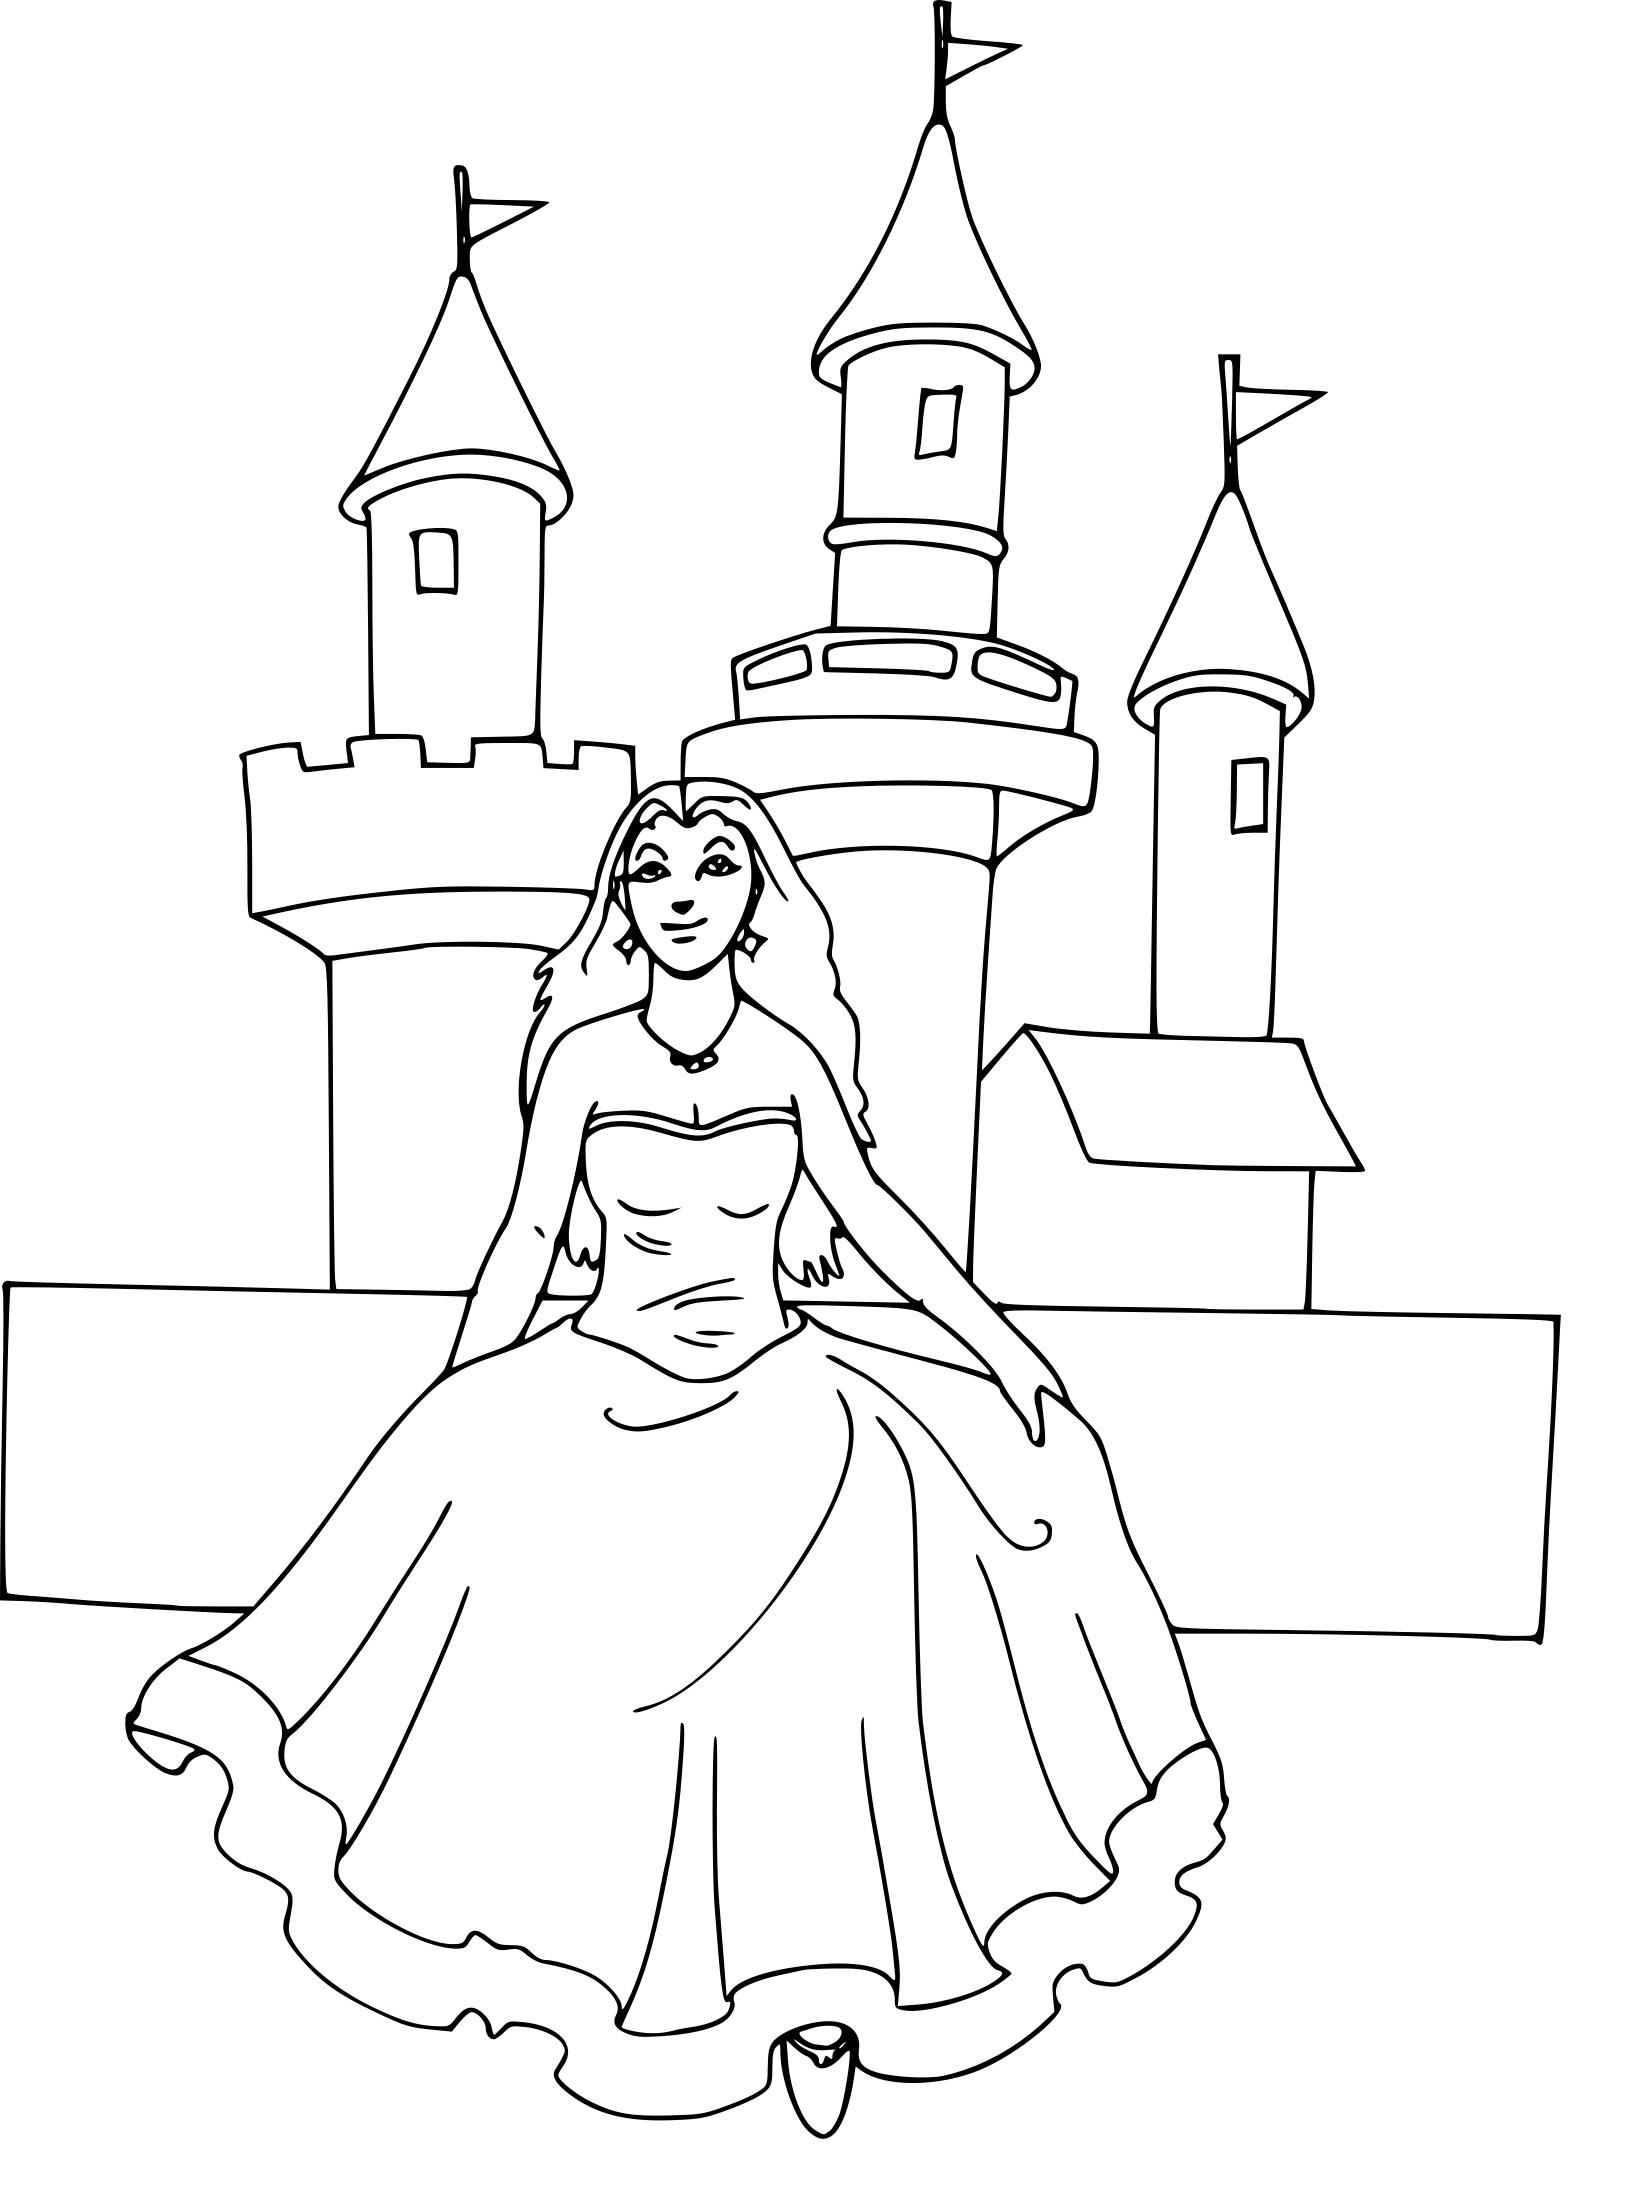 Coloriage Chateau Princesse À Imprimer Sur Coloriages encequiconcerne Coloriage À Imprimer Chateau De Princesse